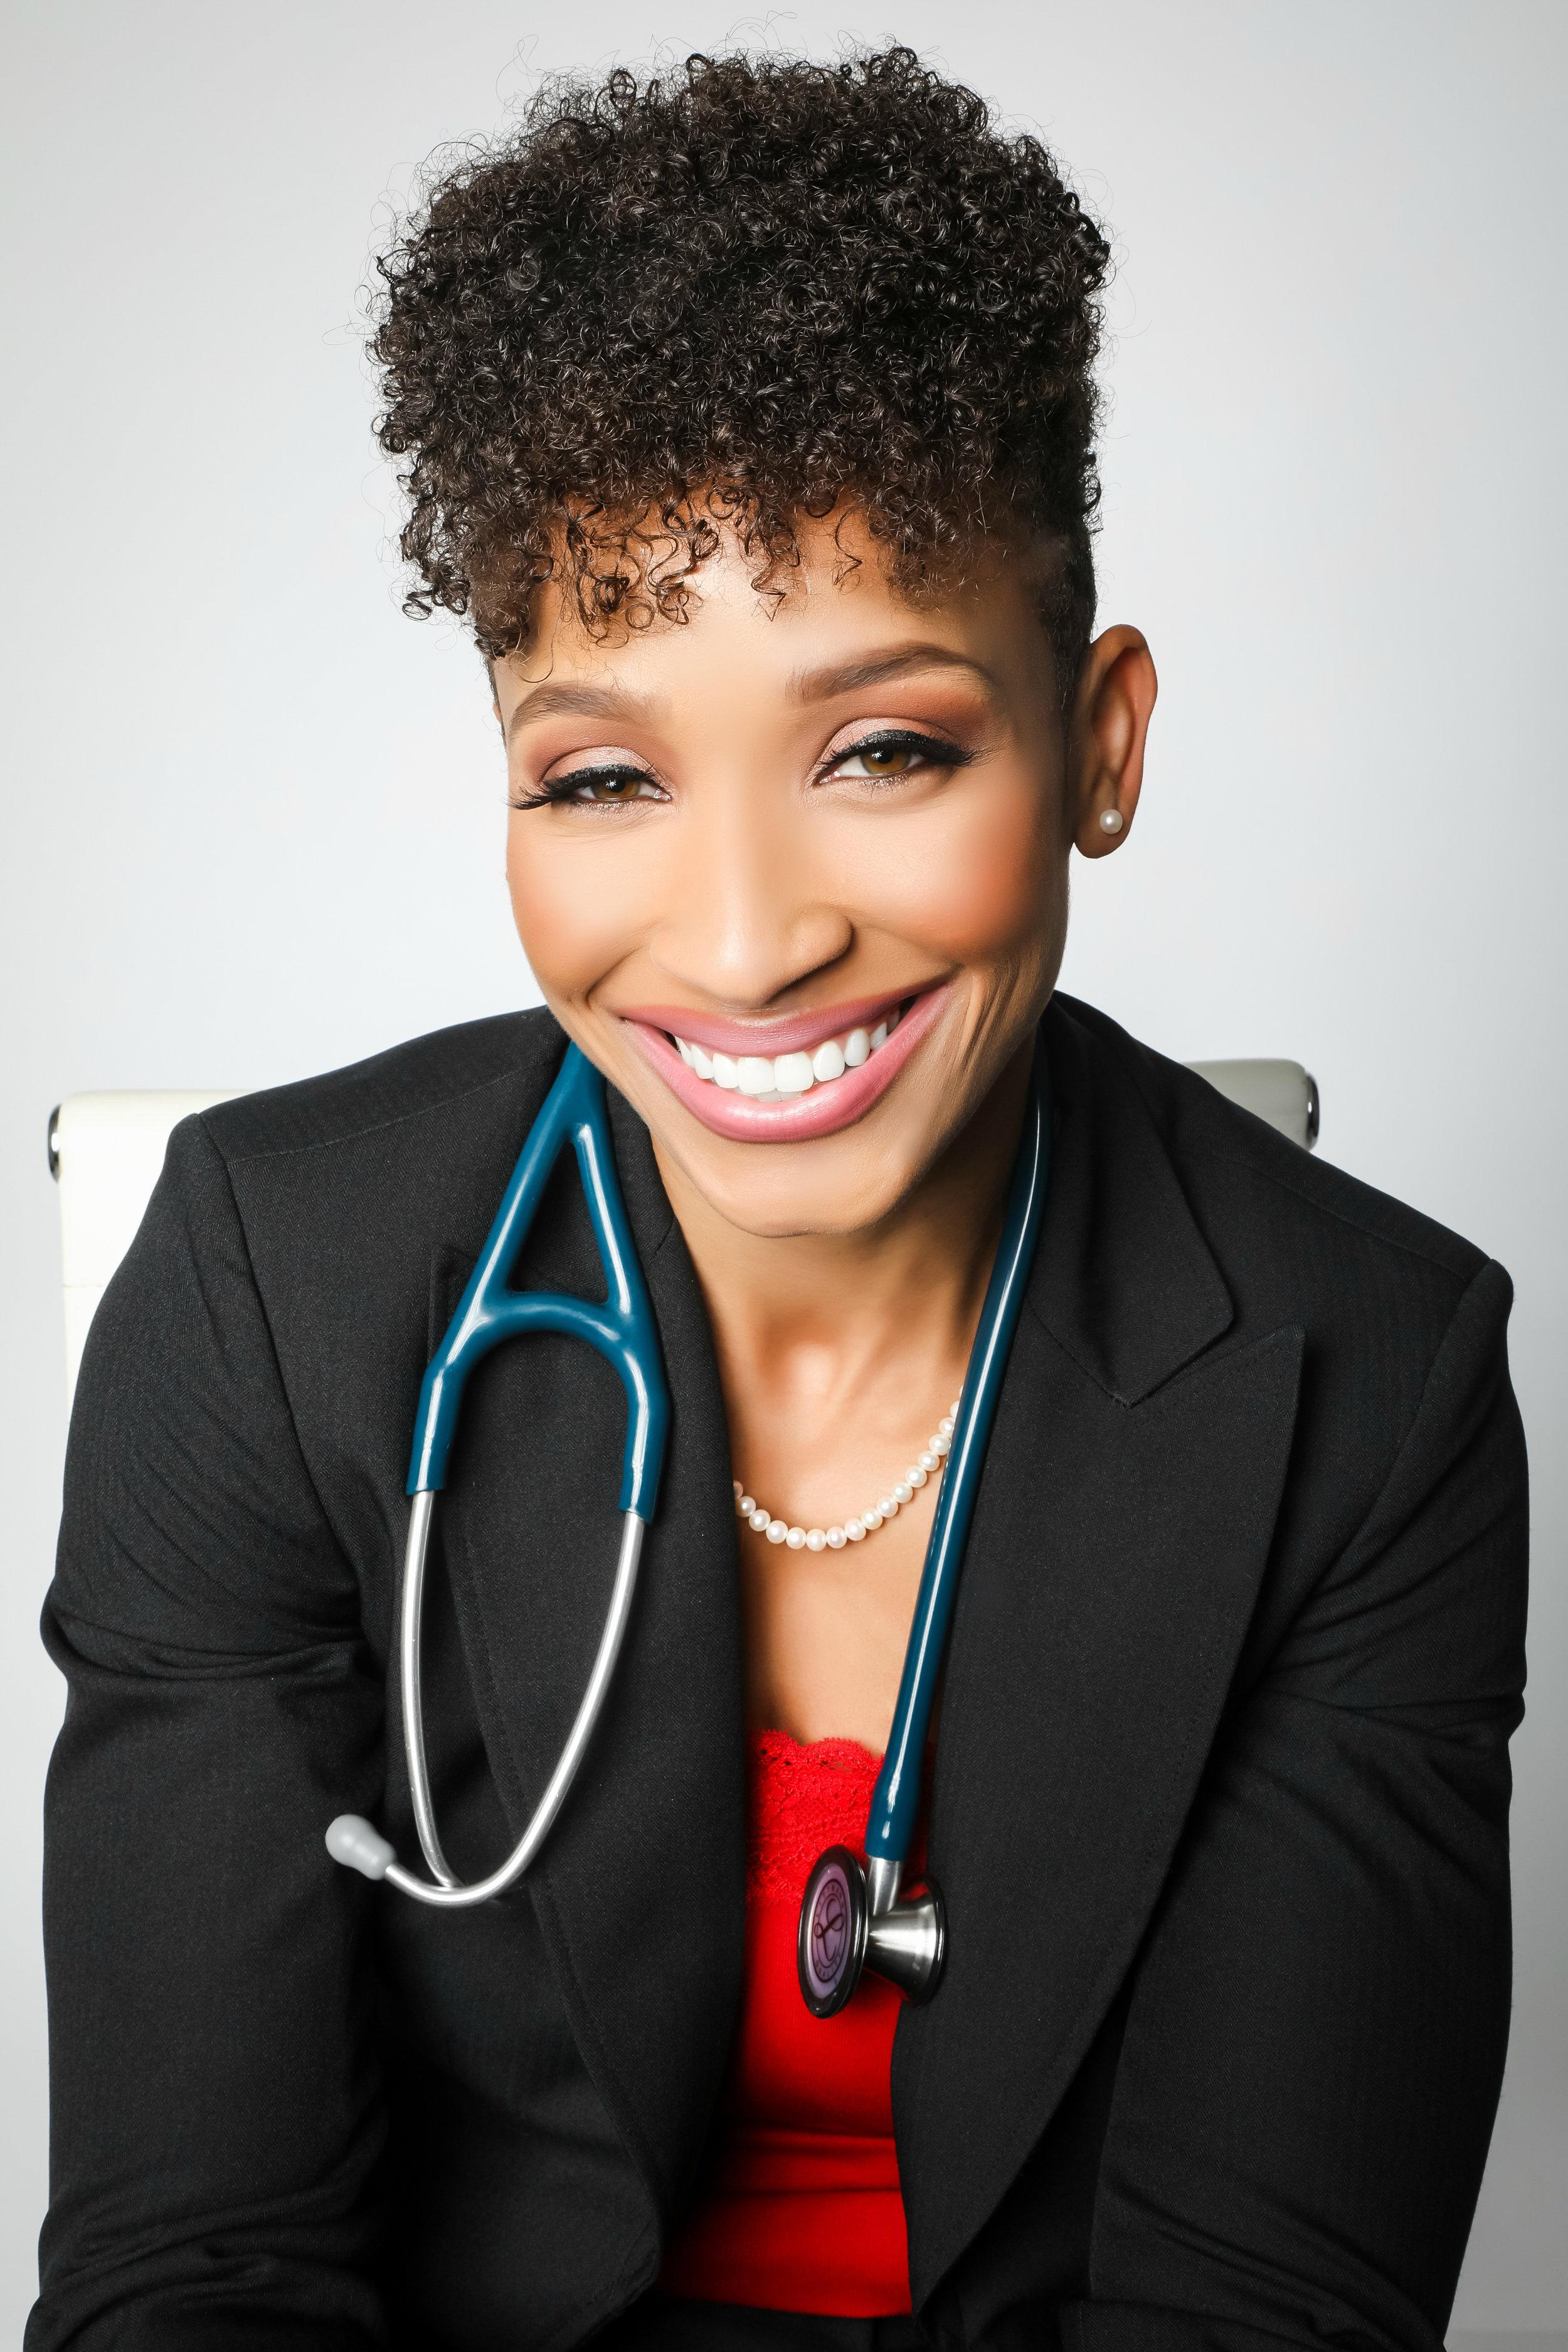 Meet Dr. B